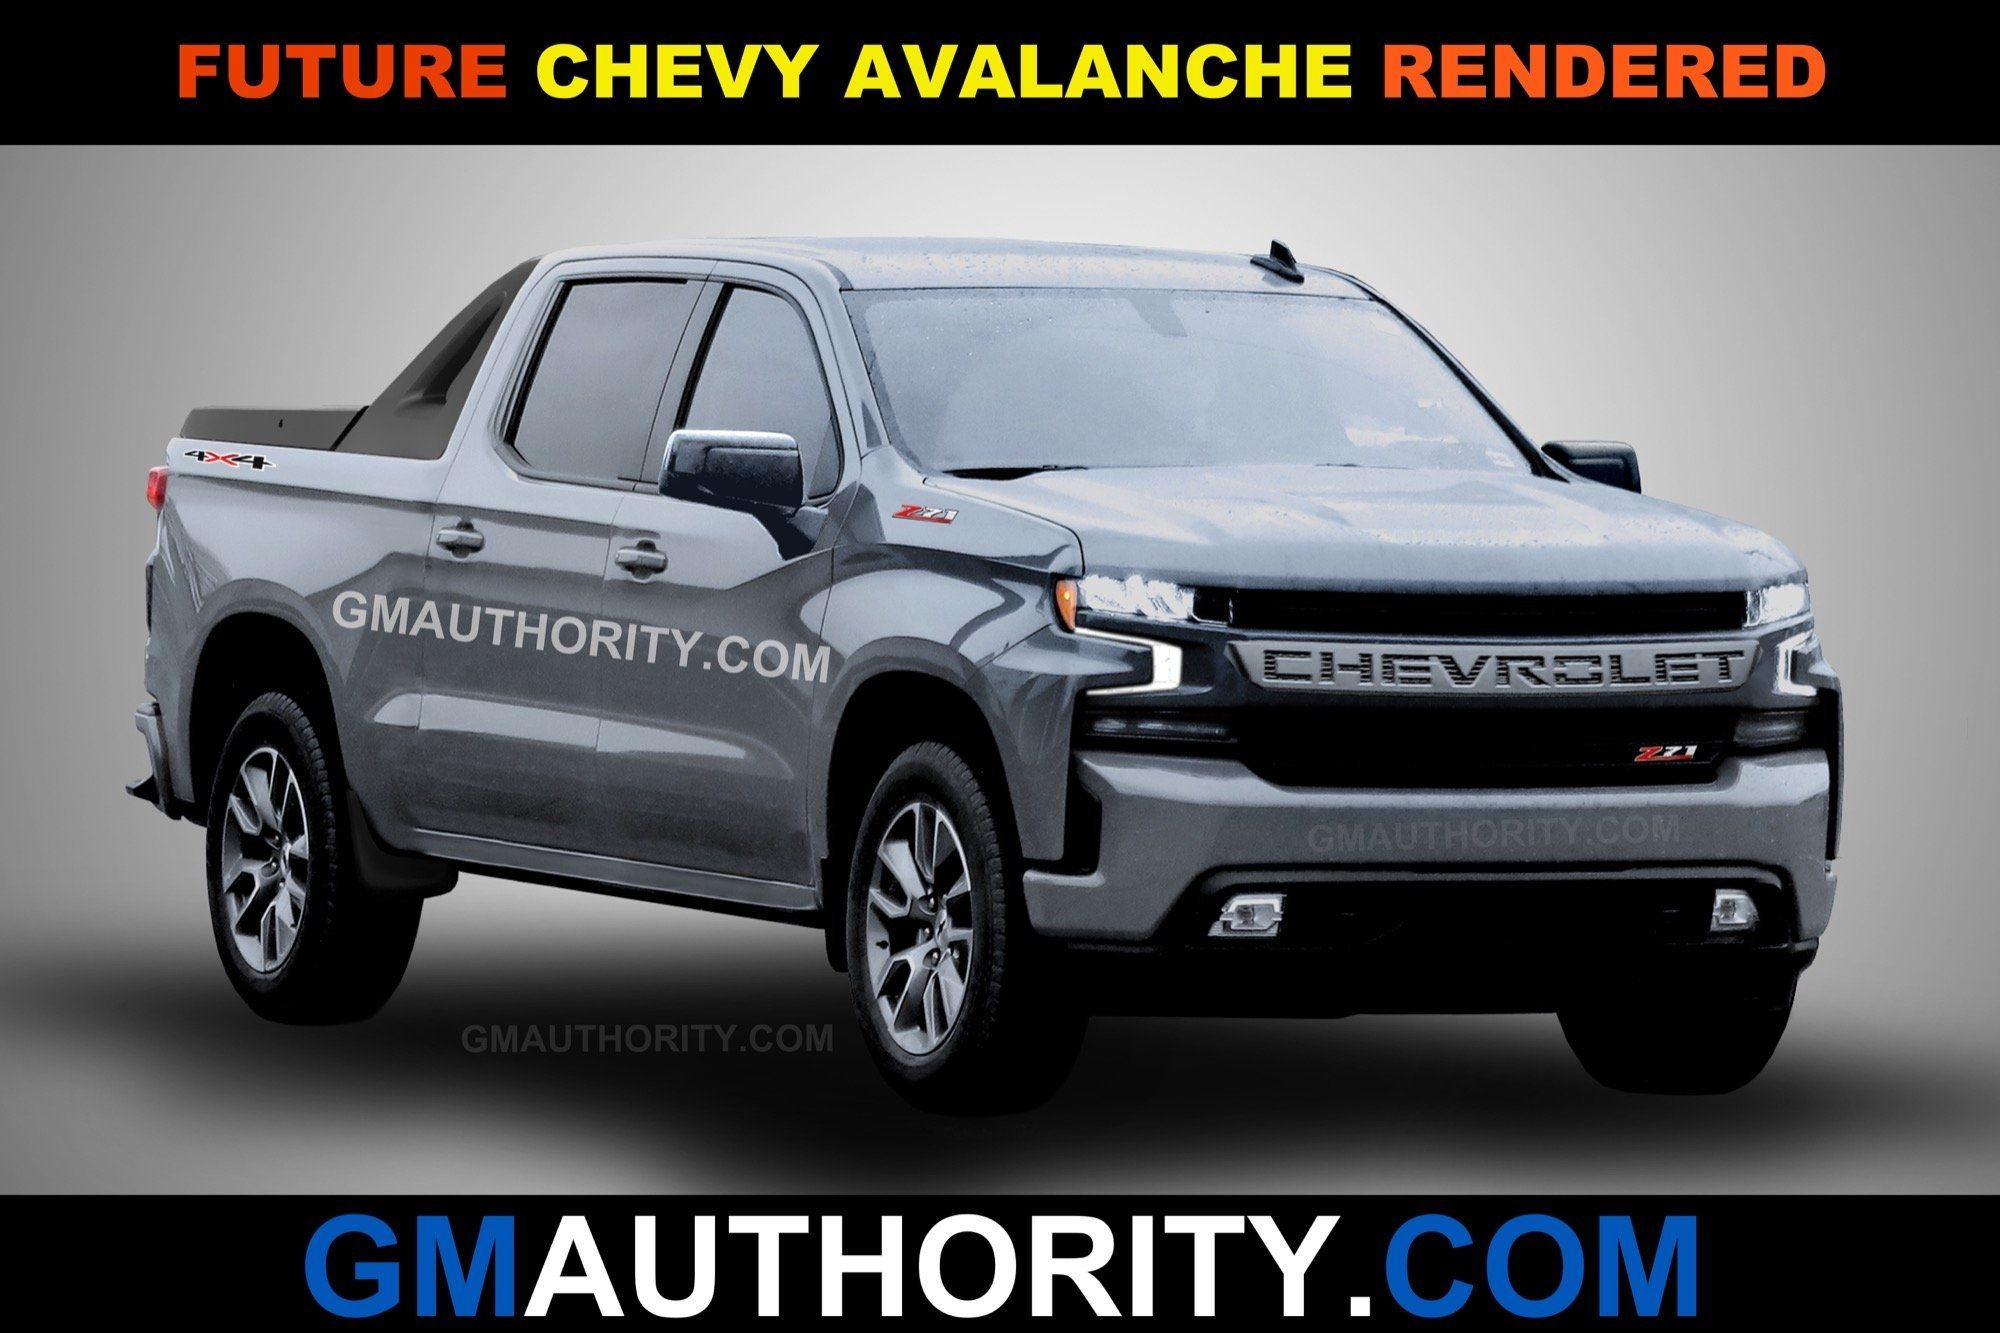 2020 Chevy Avalanche Di 2020